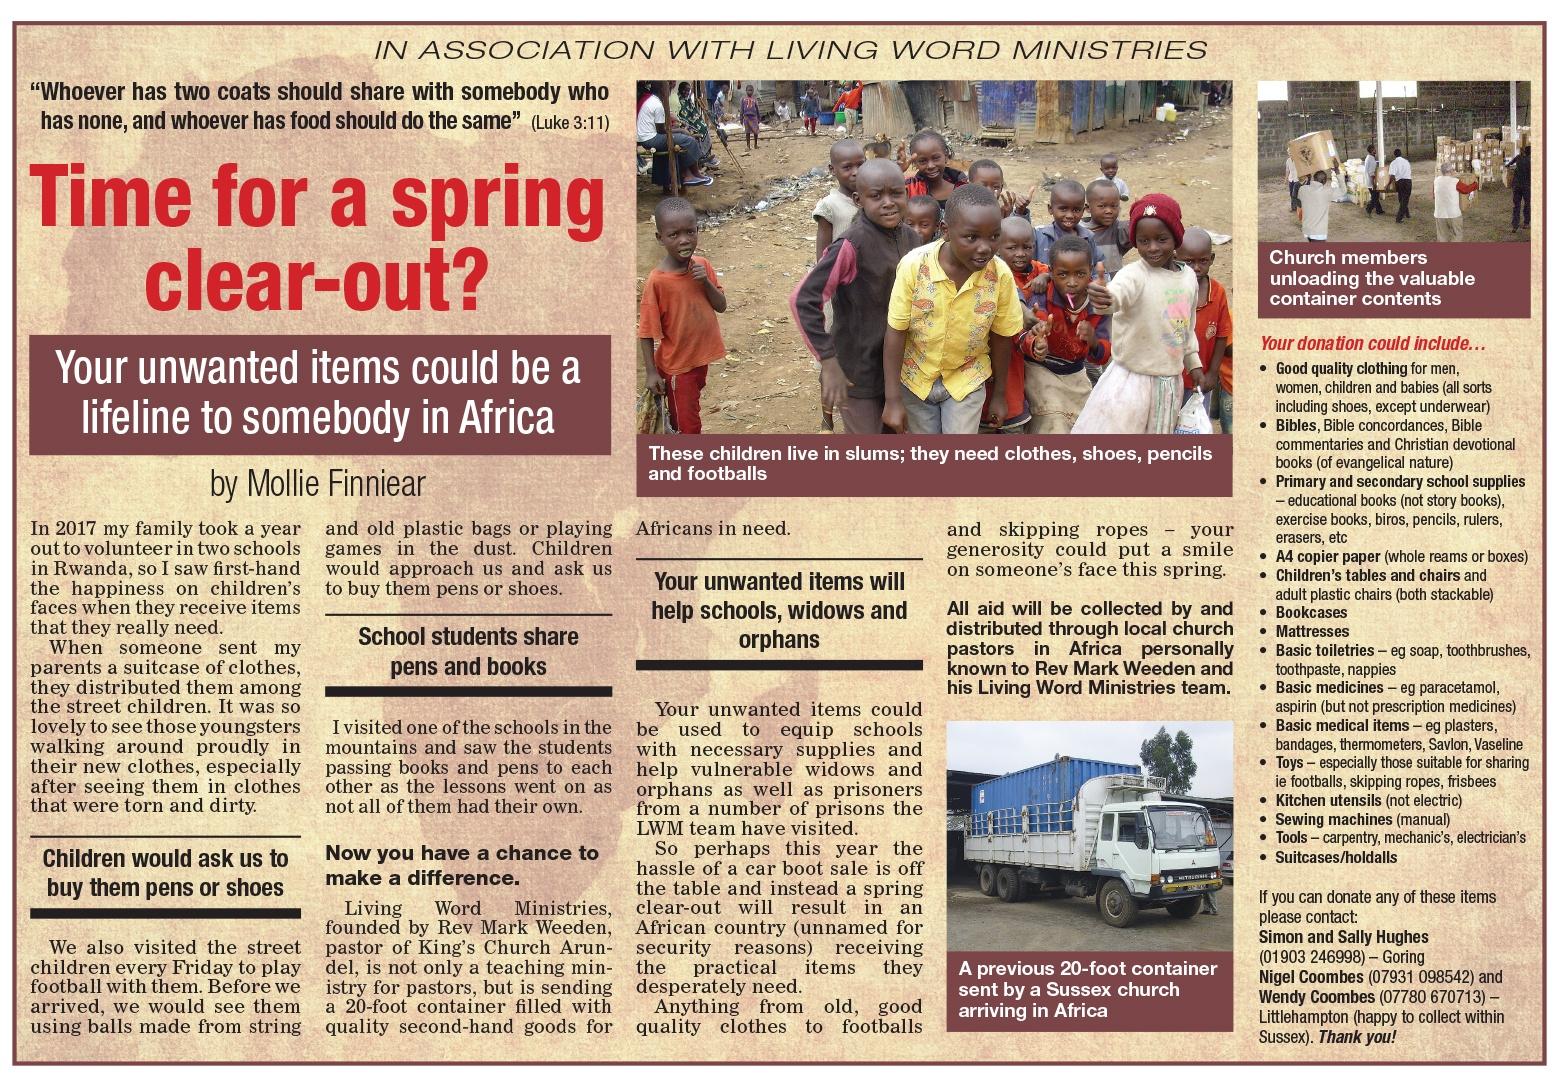 Heart April-May 19-03-18b.indd